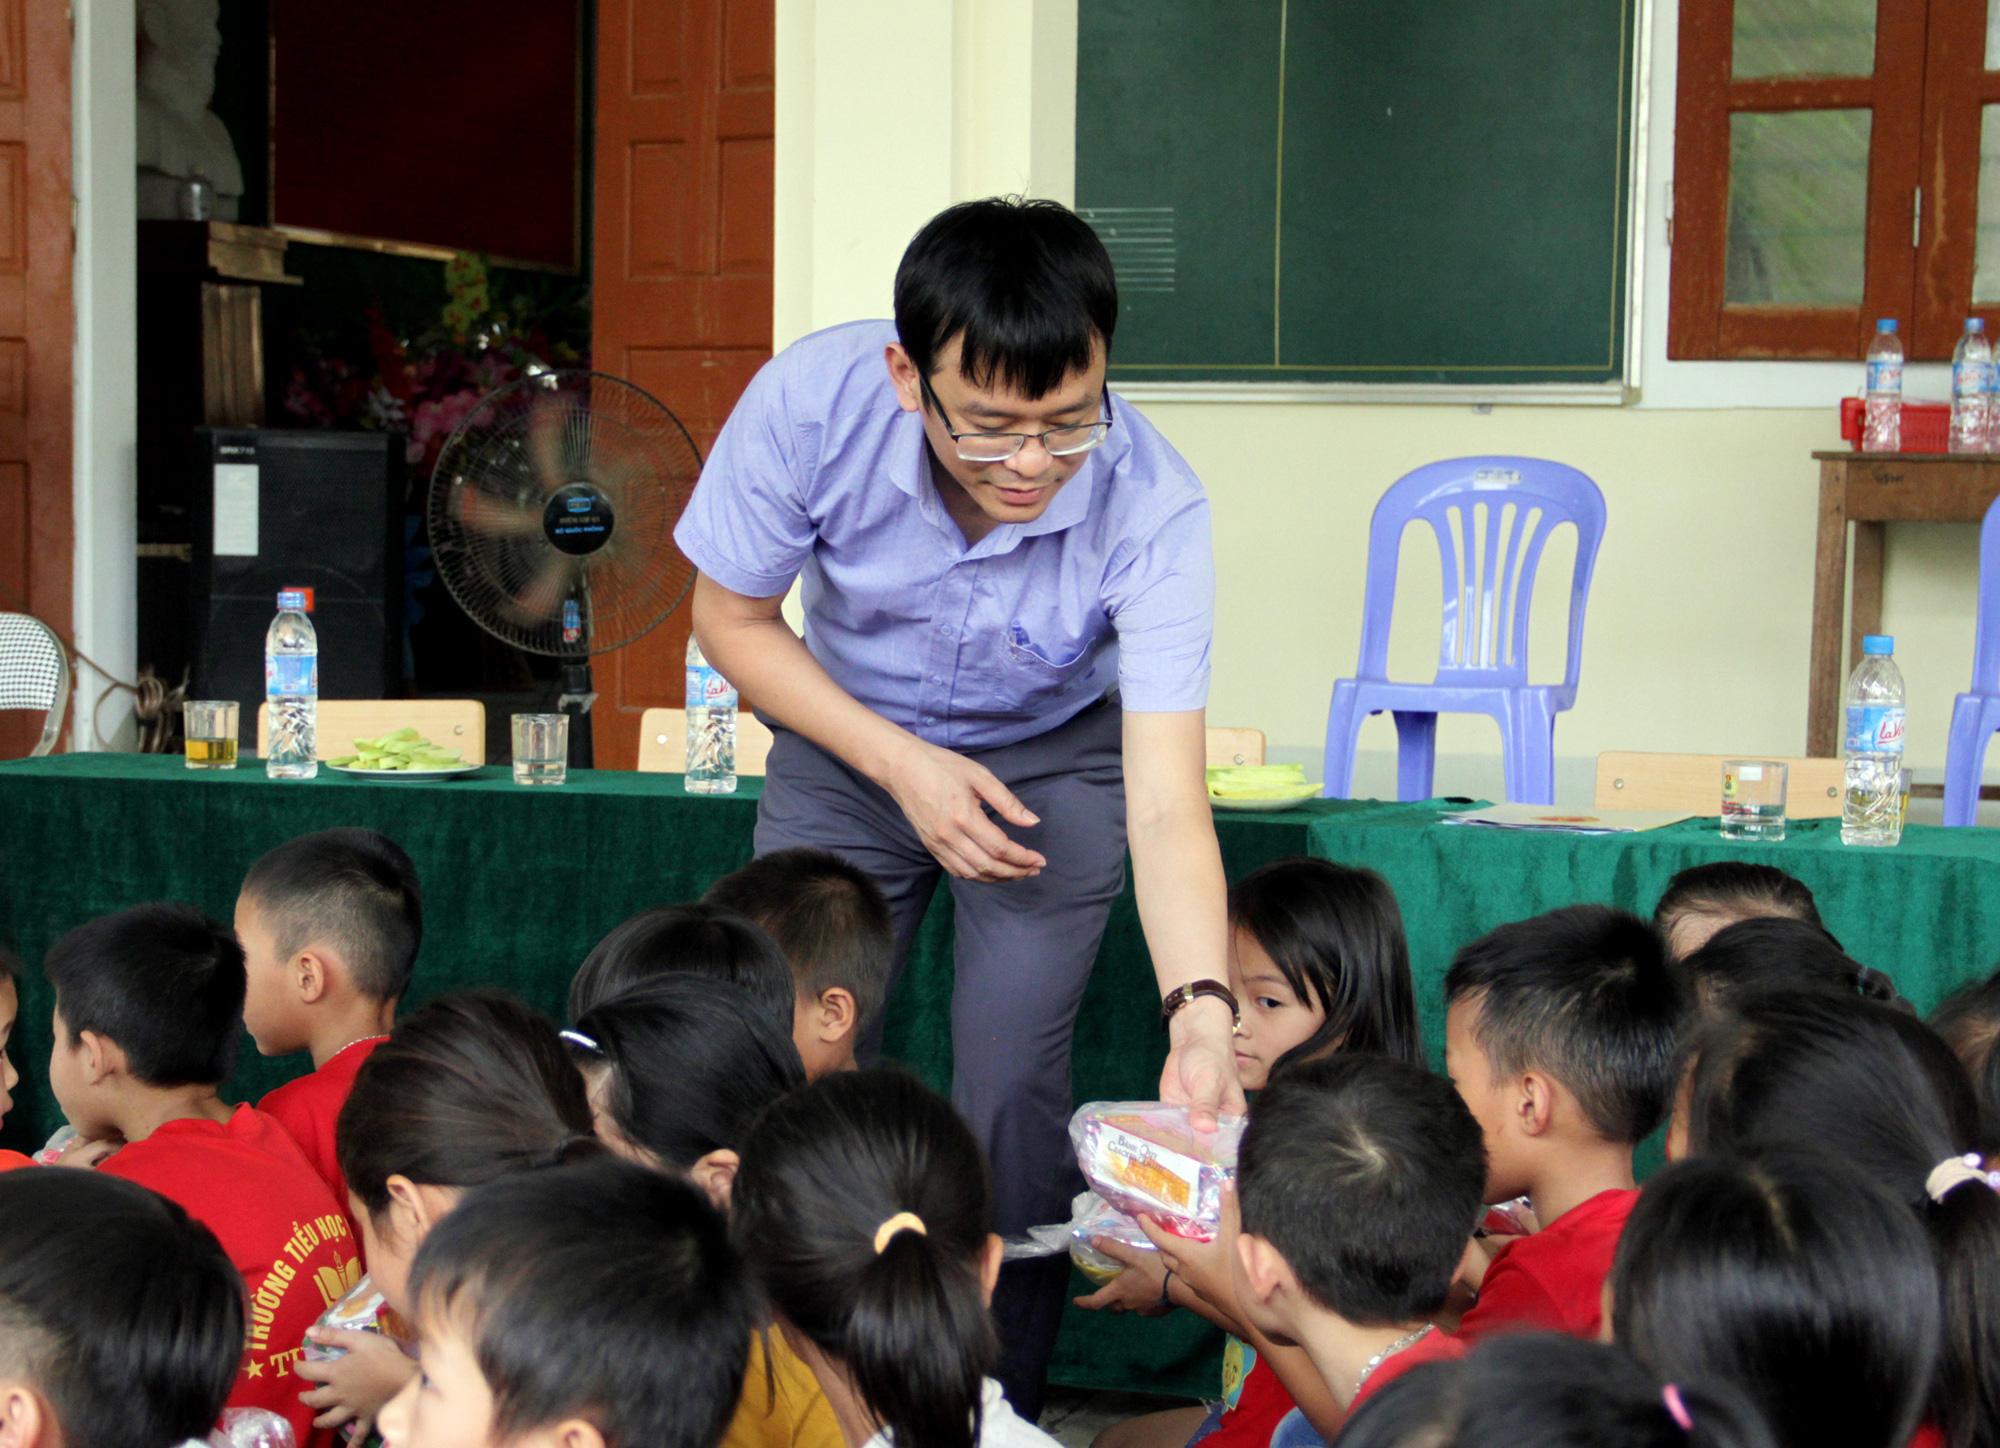 Báo NTNN/Báo Điện tử Dân Việt khởi công điểm trường mơ ước ở Nghệ An  - Ảnh 8.